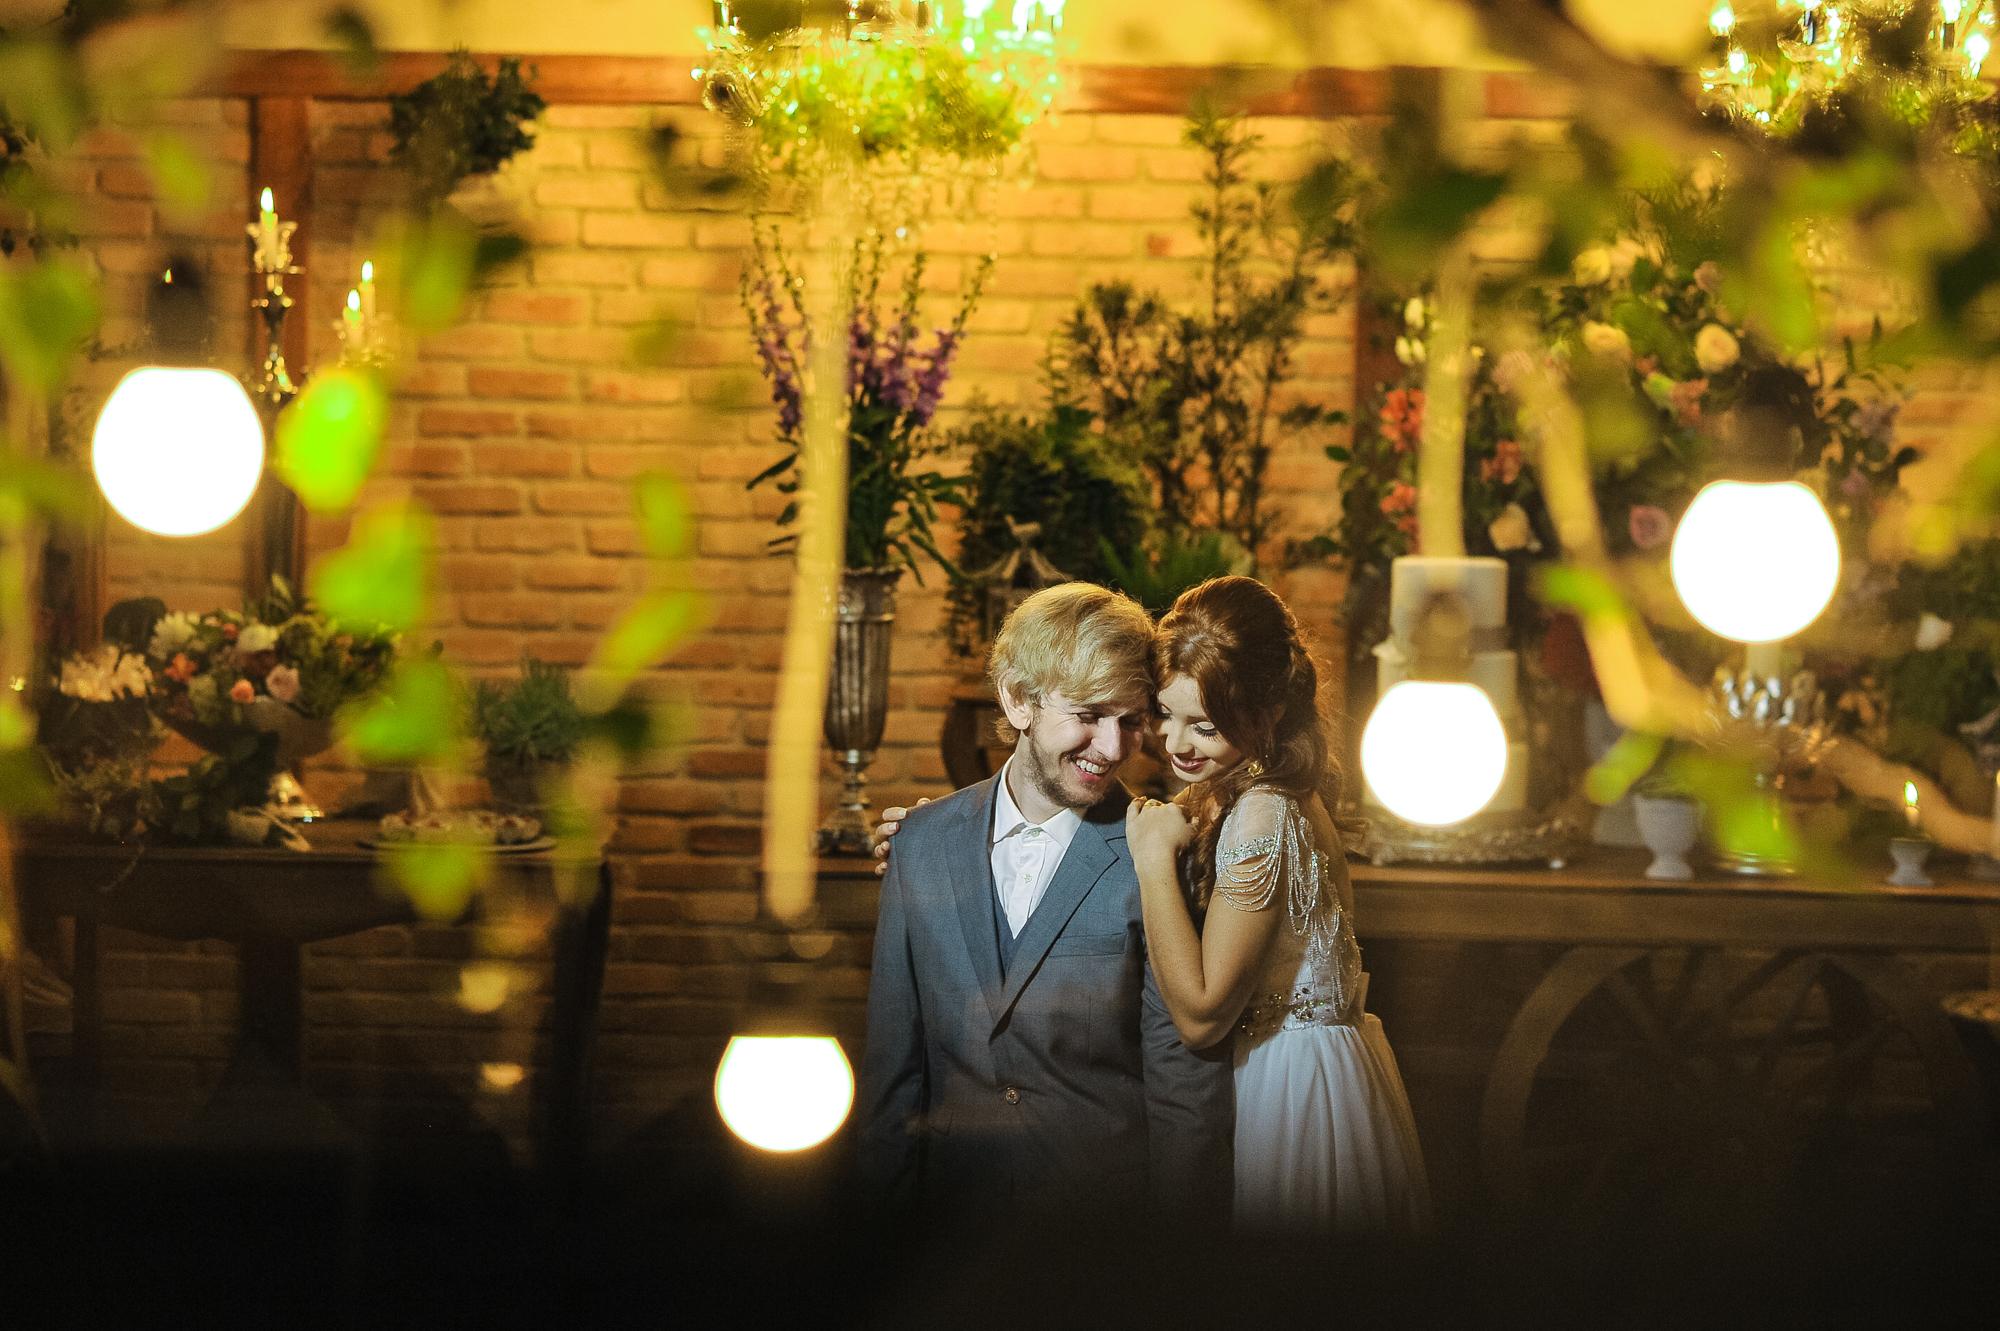 Contate Rafael Brocco-Fotógrafo de Casamento, Ensaios e Moda em Colatina/ES